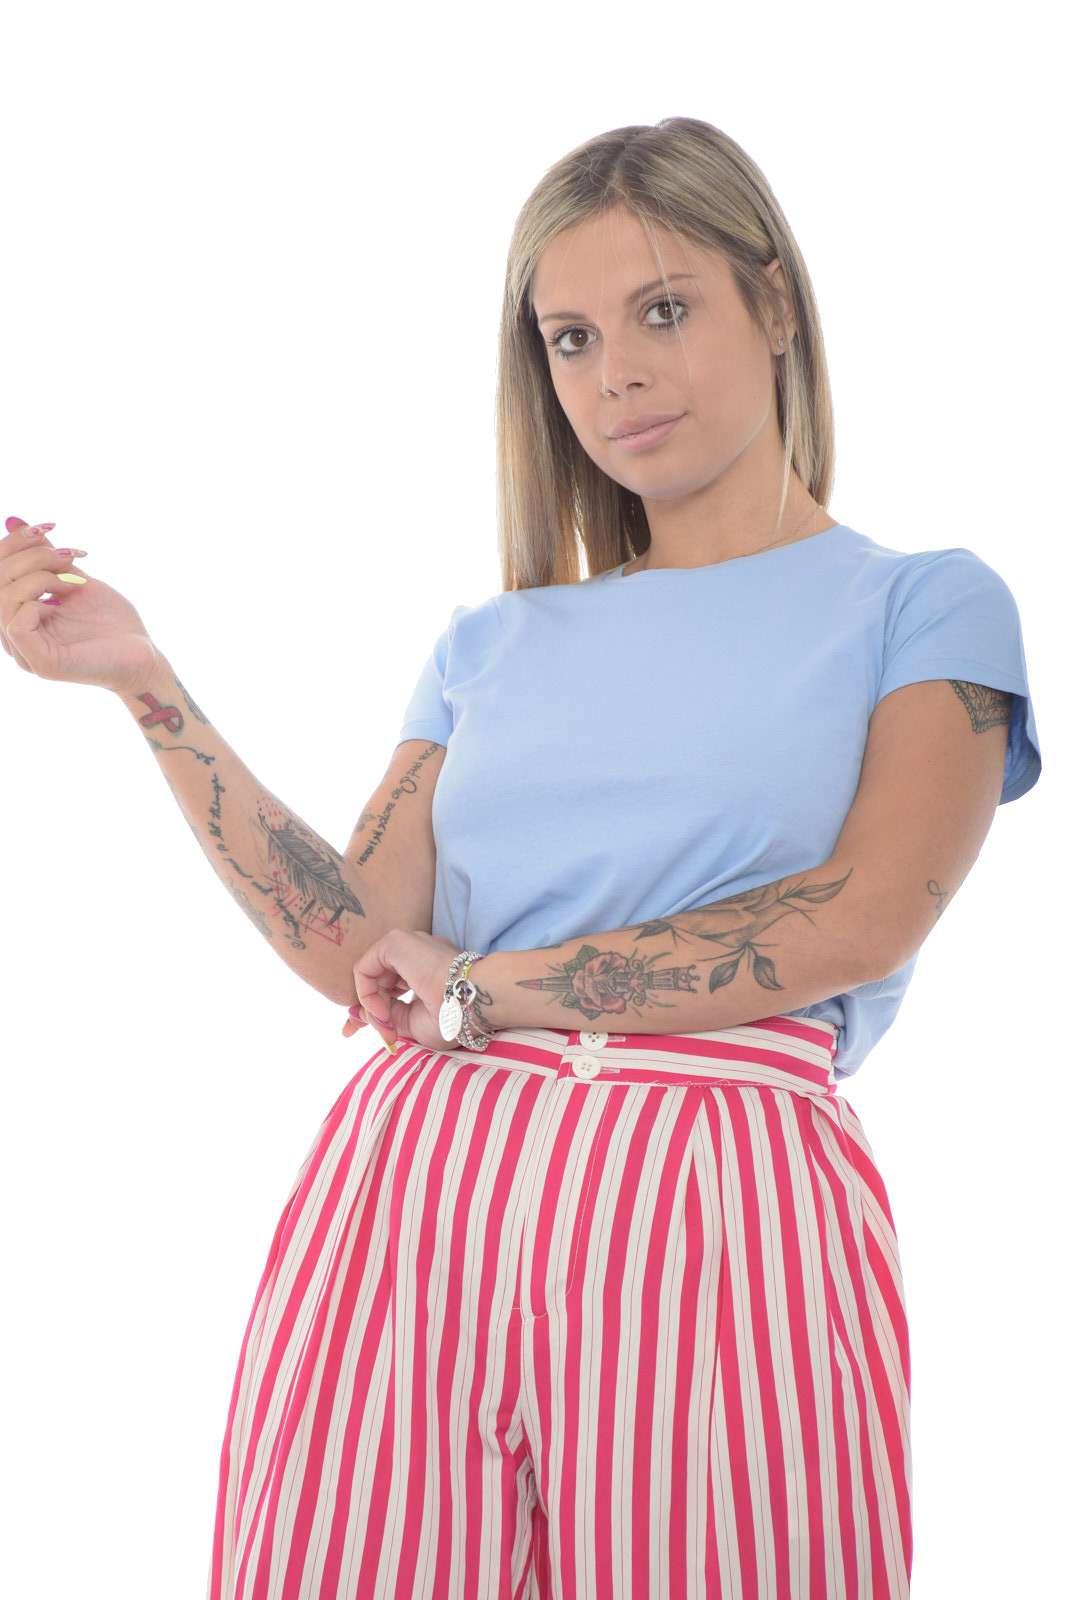 Una t shirt classica firmata Polo Ralph Lauren. Da indossare nelle uscite di tutti i giorni o nel tempo libera, grazie alla sua semplicità. Da abbinare ad un jeans, una gonna o uno short per look sempre più casual.